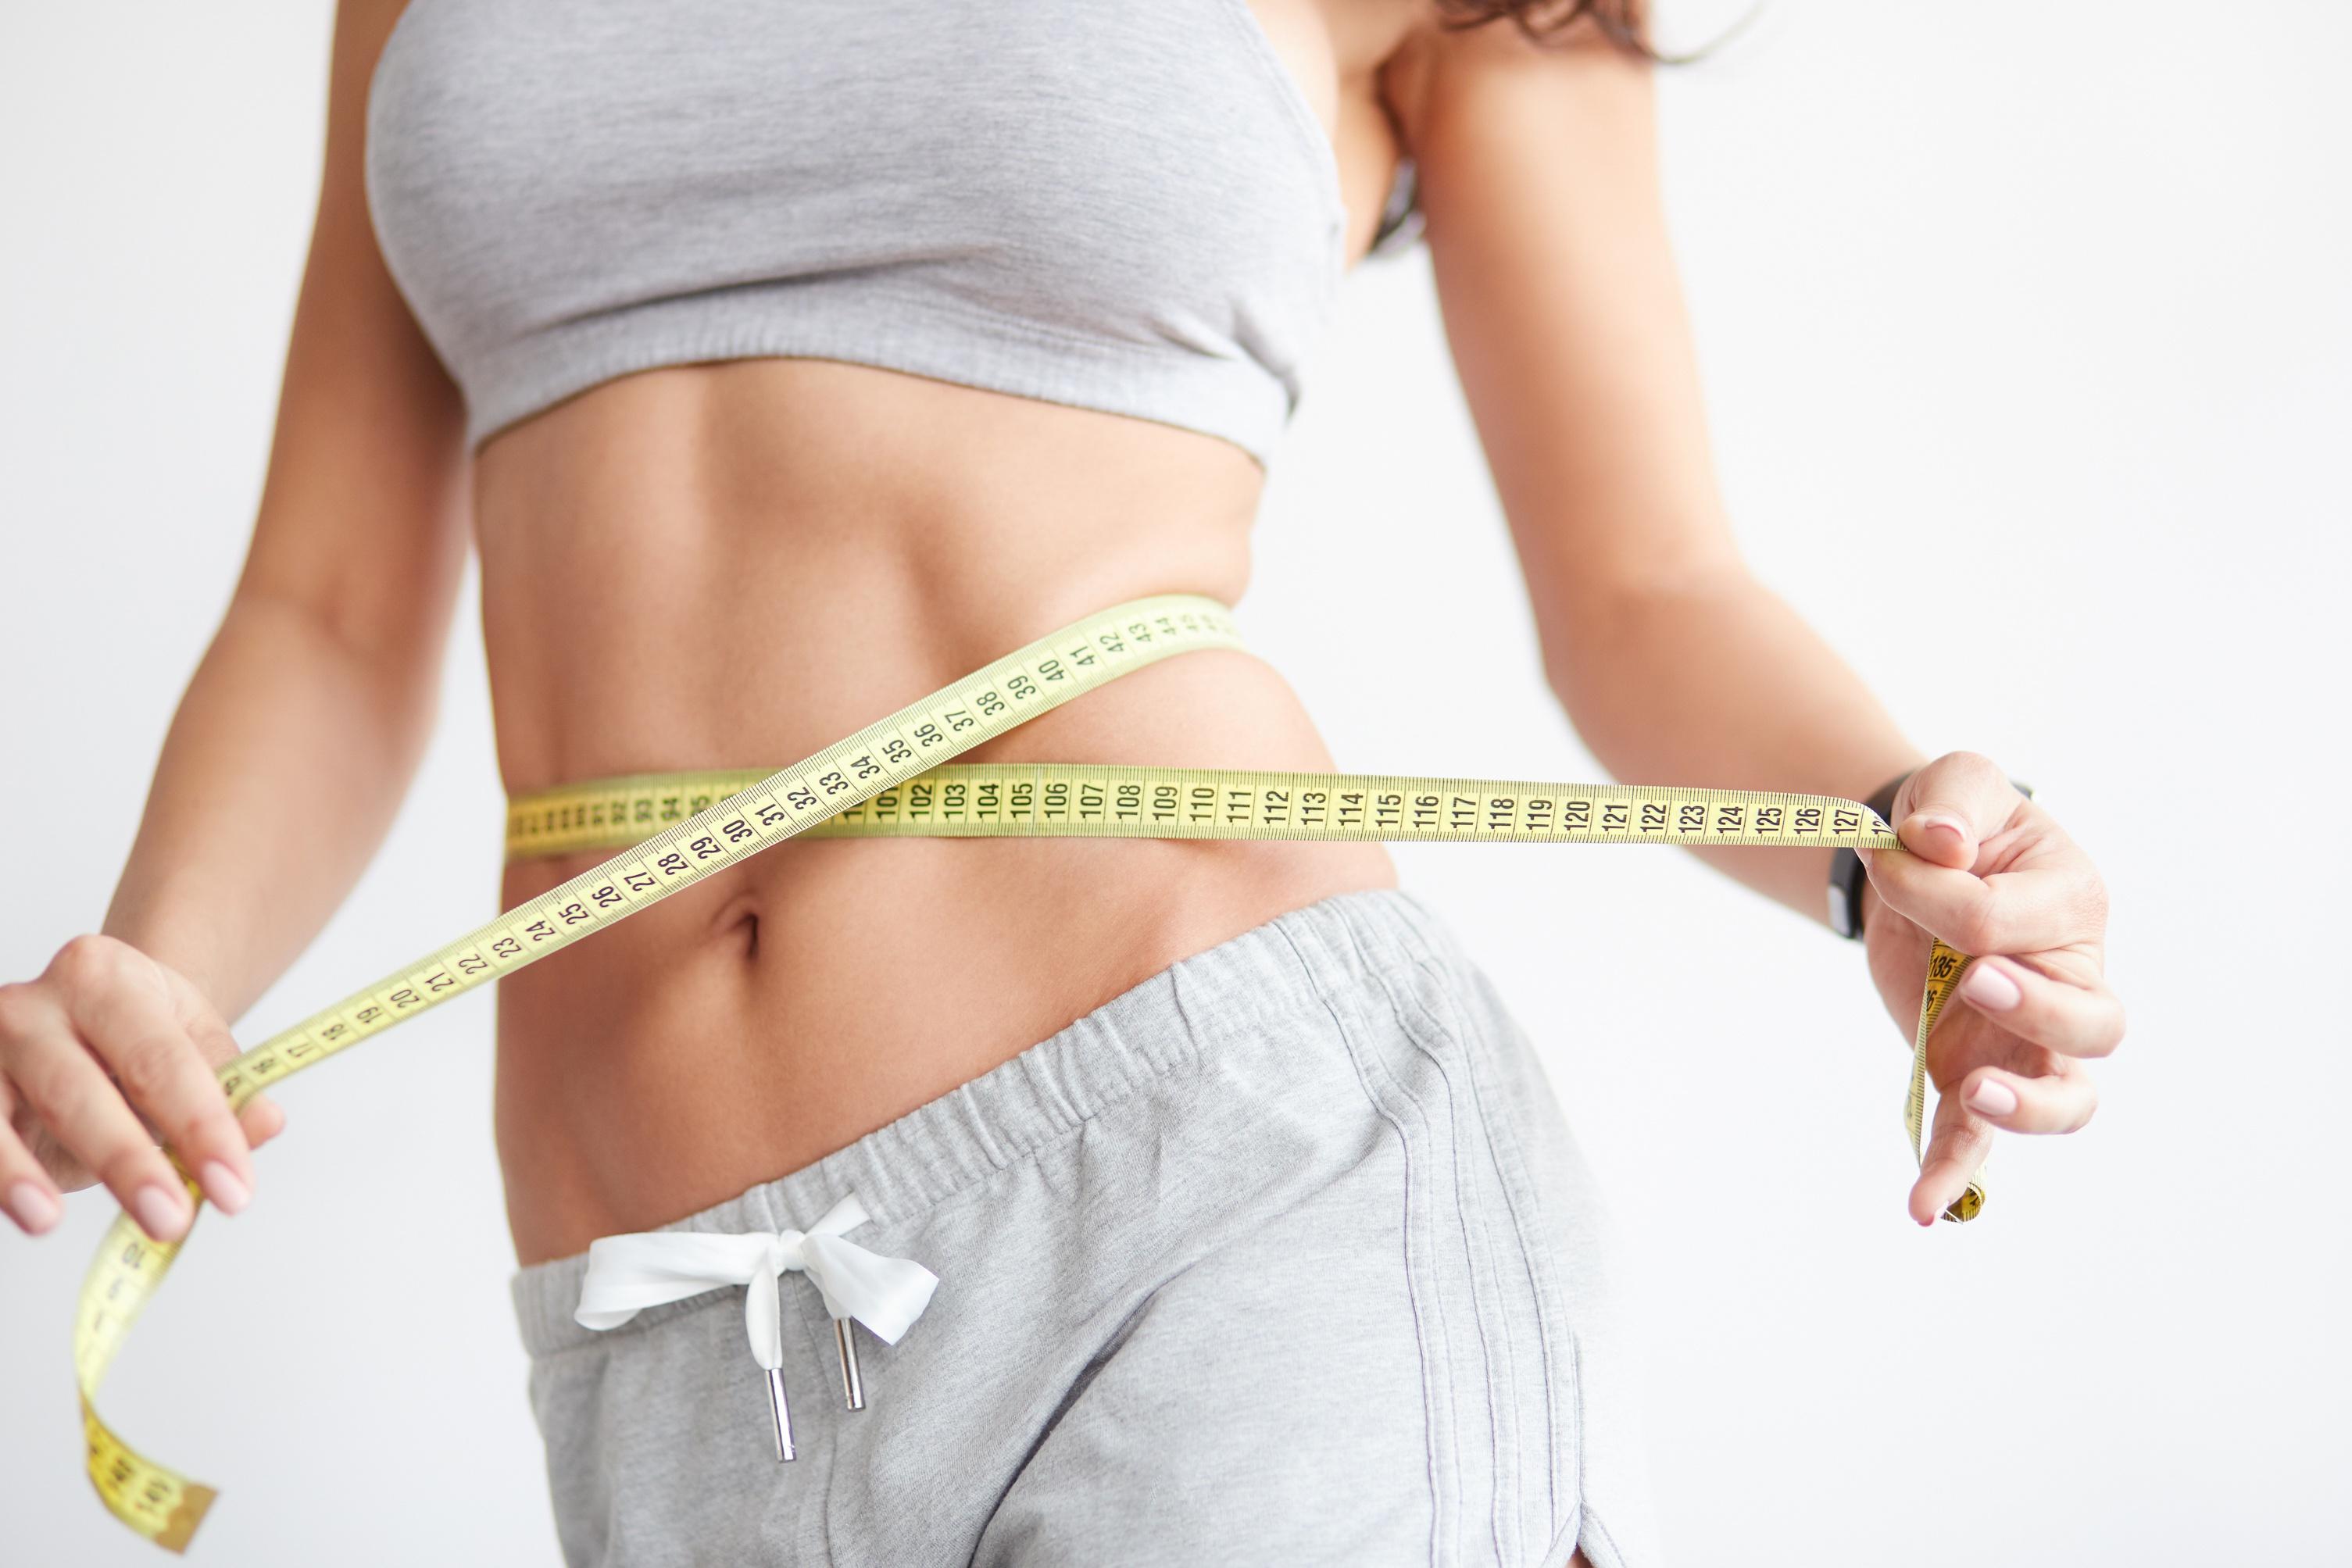 Диета и упражнения для похуденья